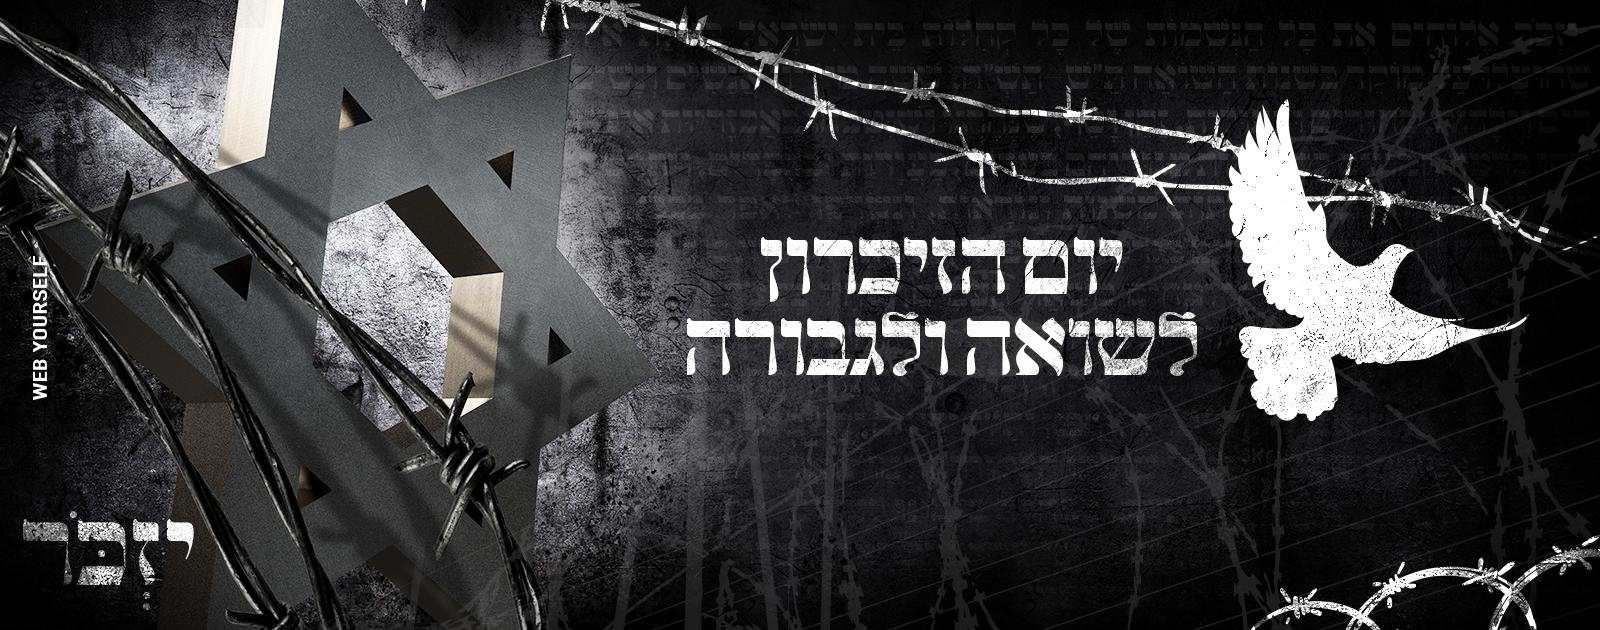 יום-הזיכרון-לשואה-ולגבורה